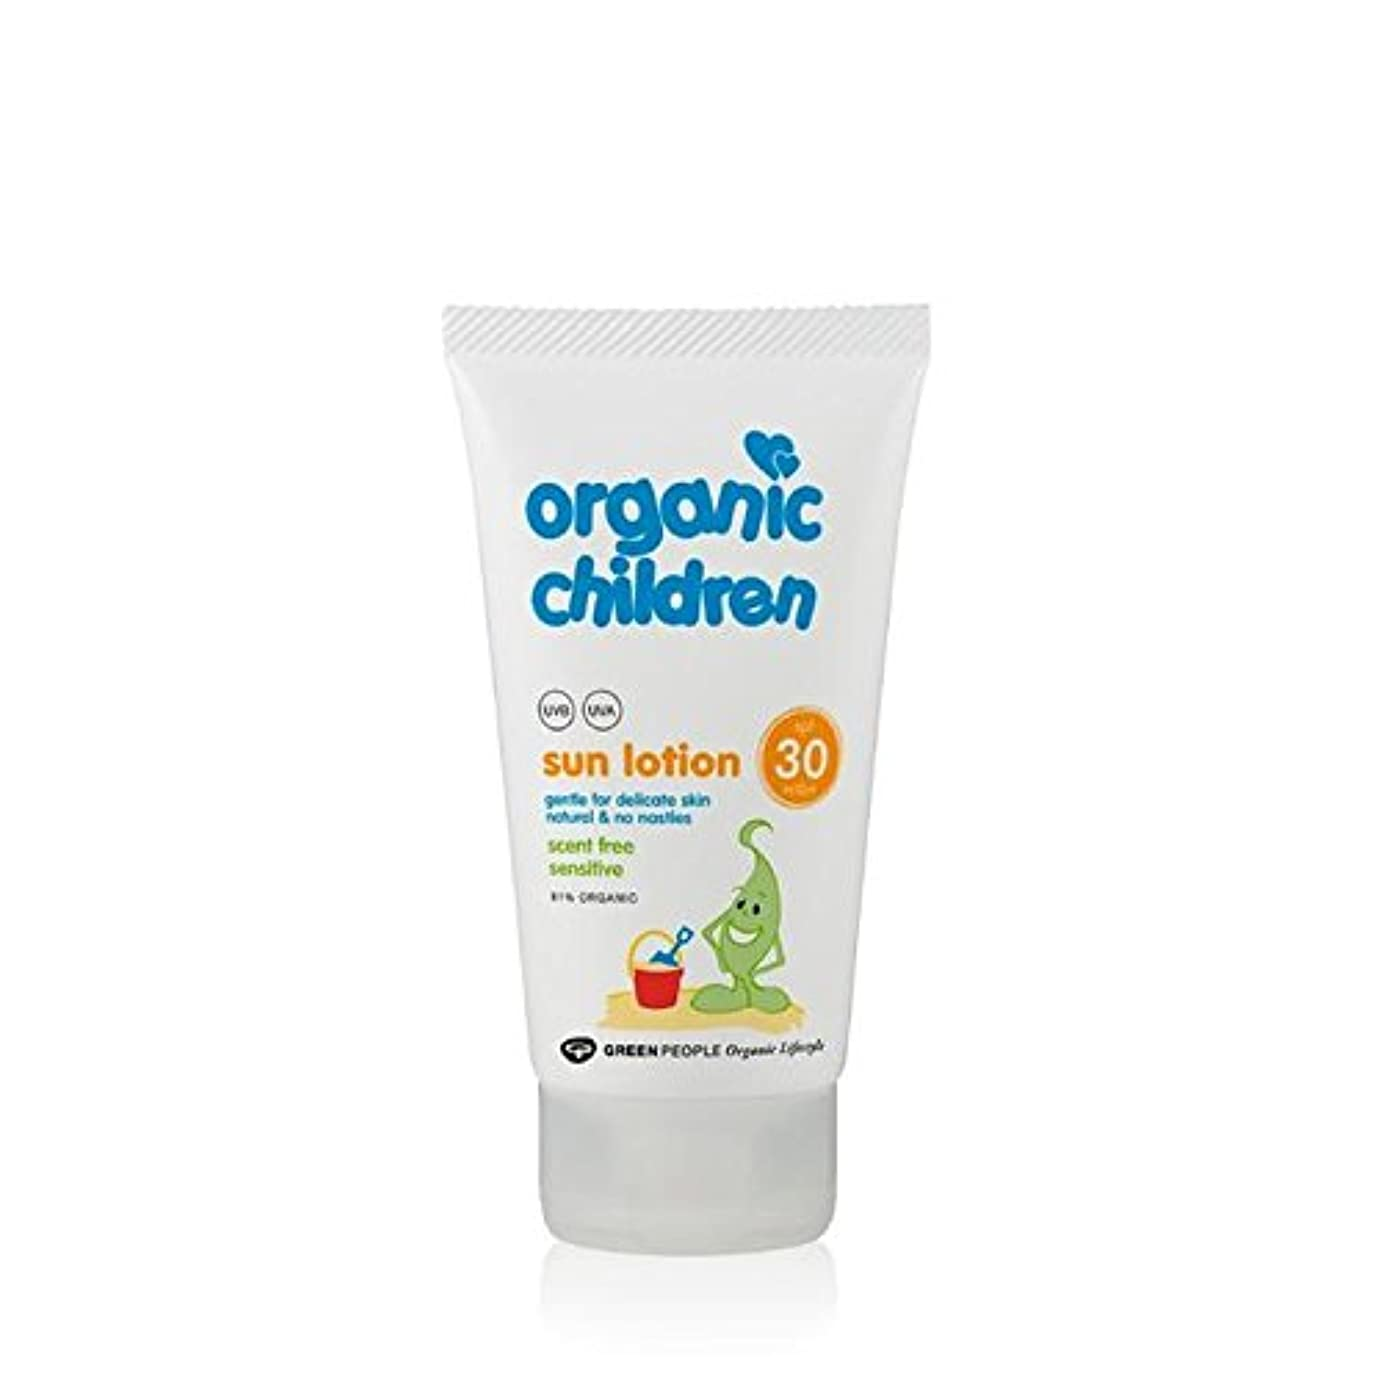 アパルプレフィックス借りる有機子ども30の香り無料のサンローション150 x4 - Organic Children SPF30 Scent Free Sun Lotion 150ml (Pack of 4) [並行輸入品]